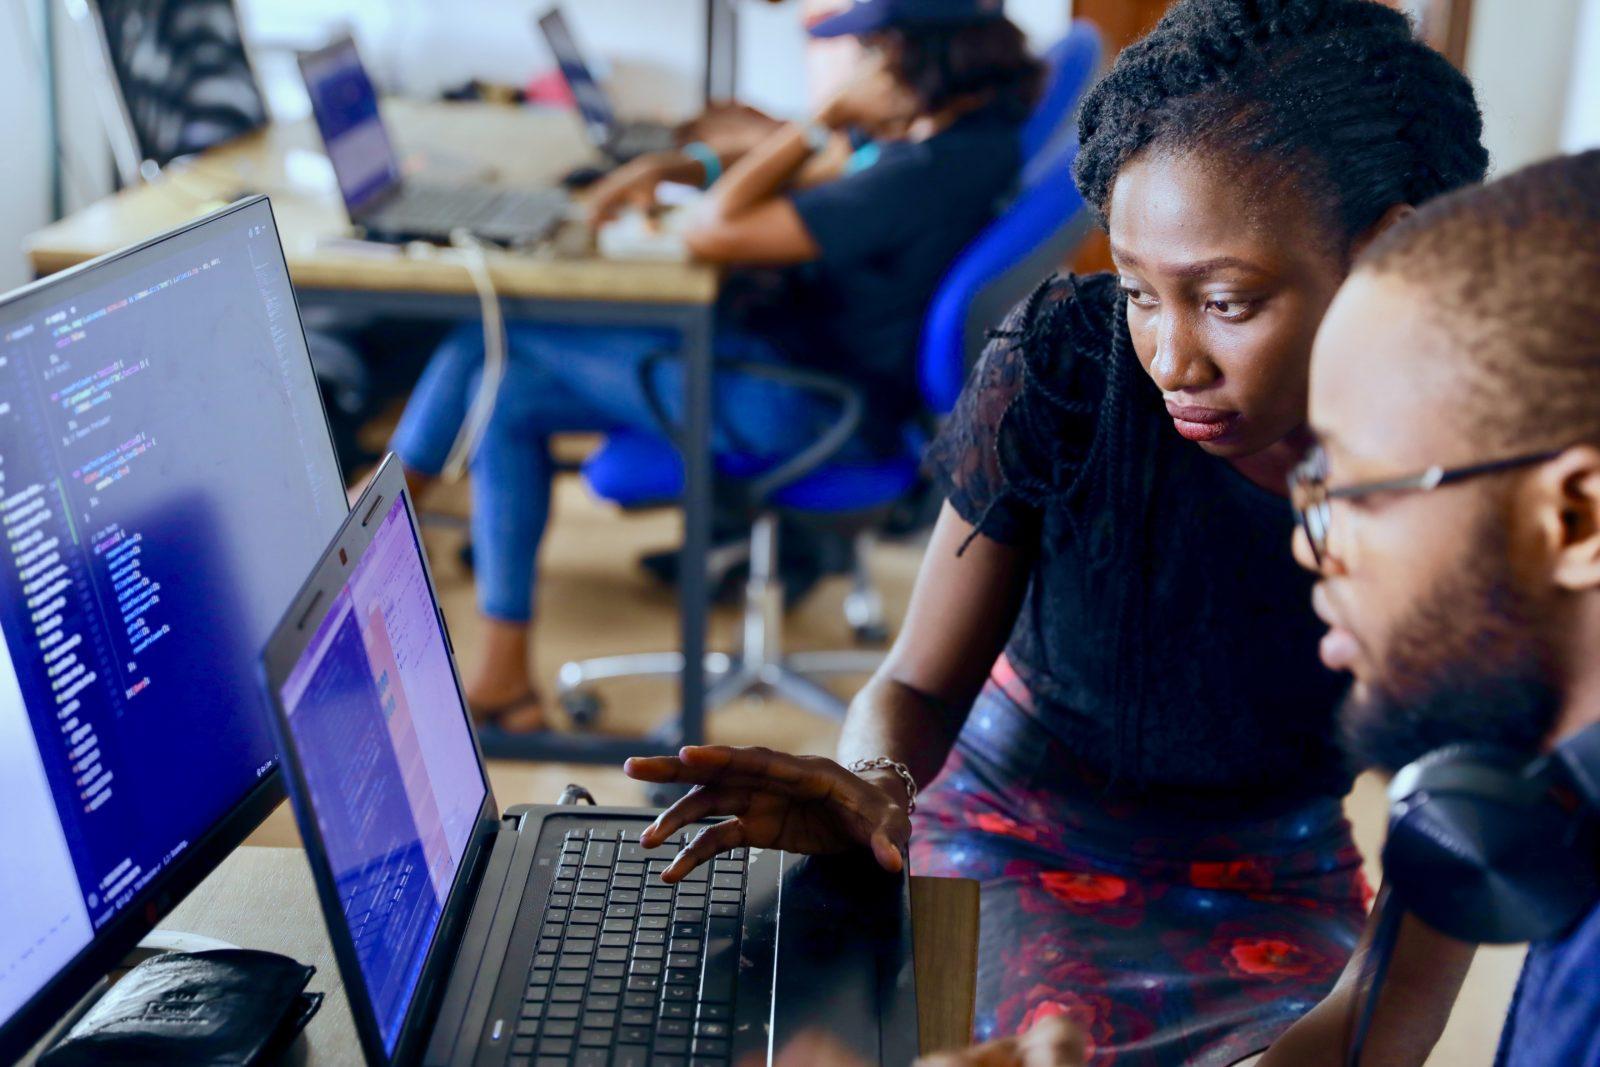 Woman helping Man at Computer